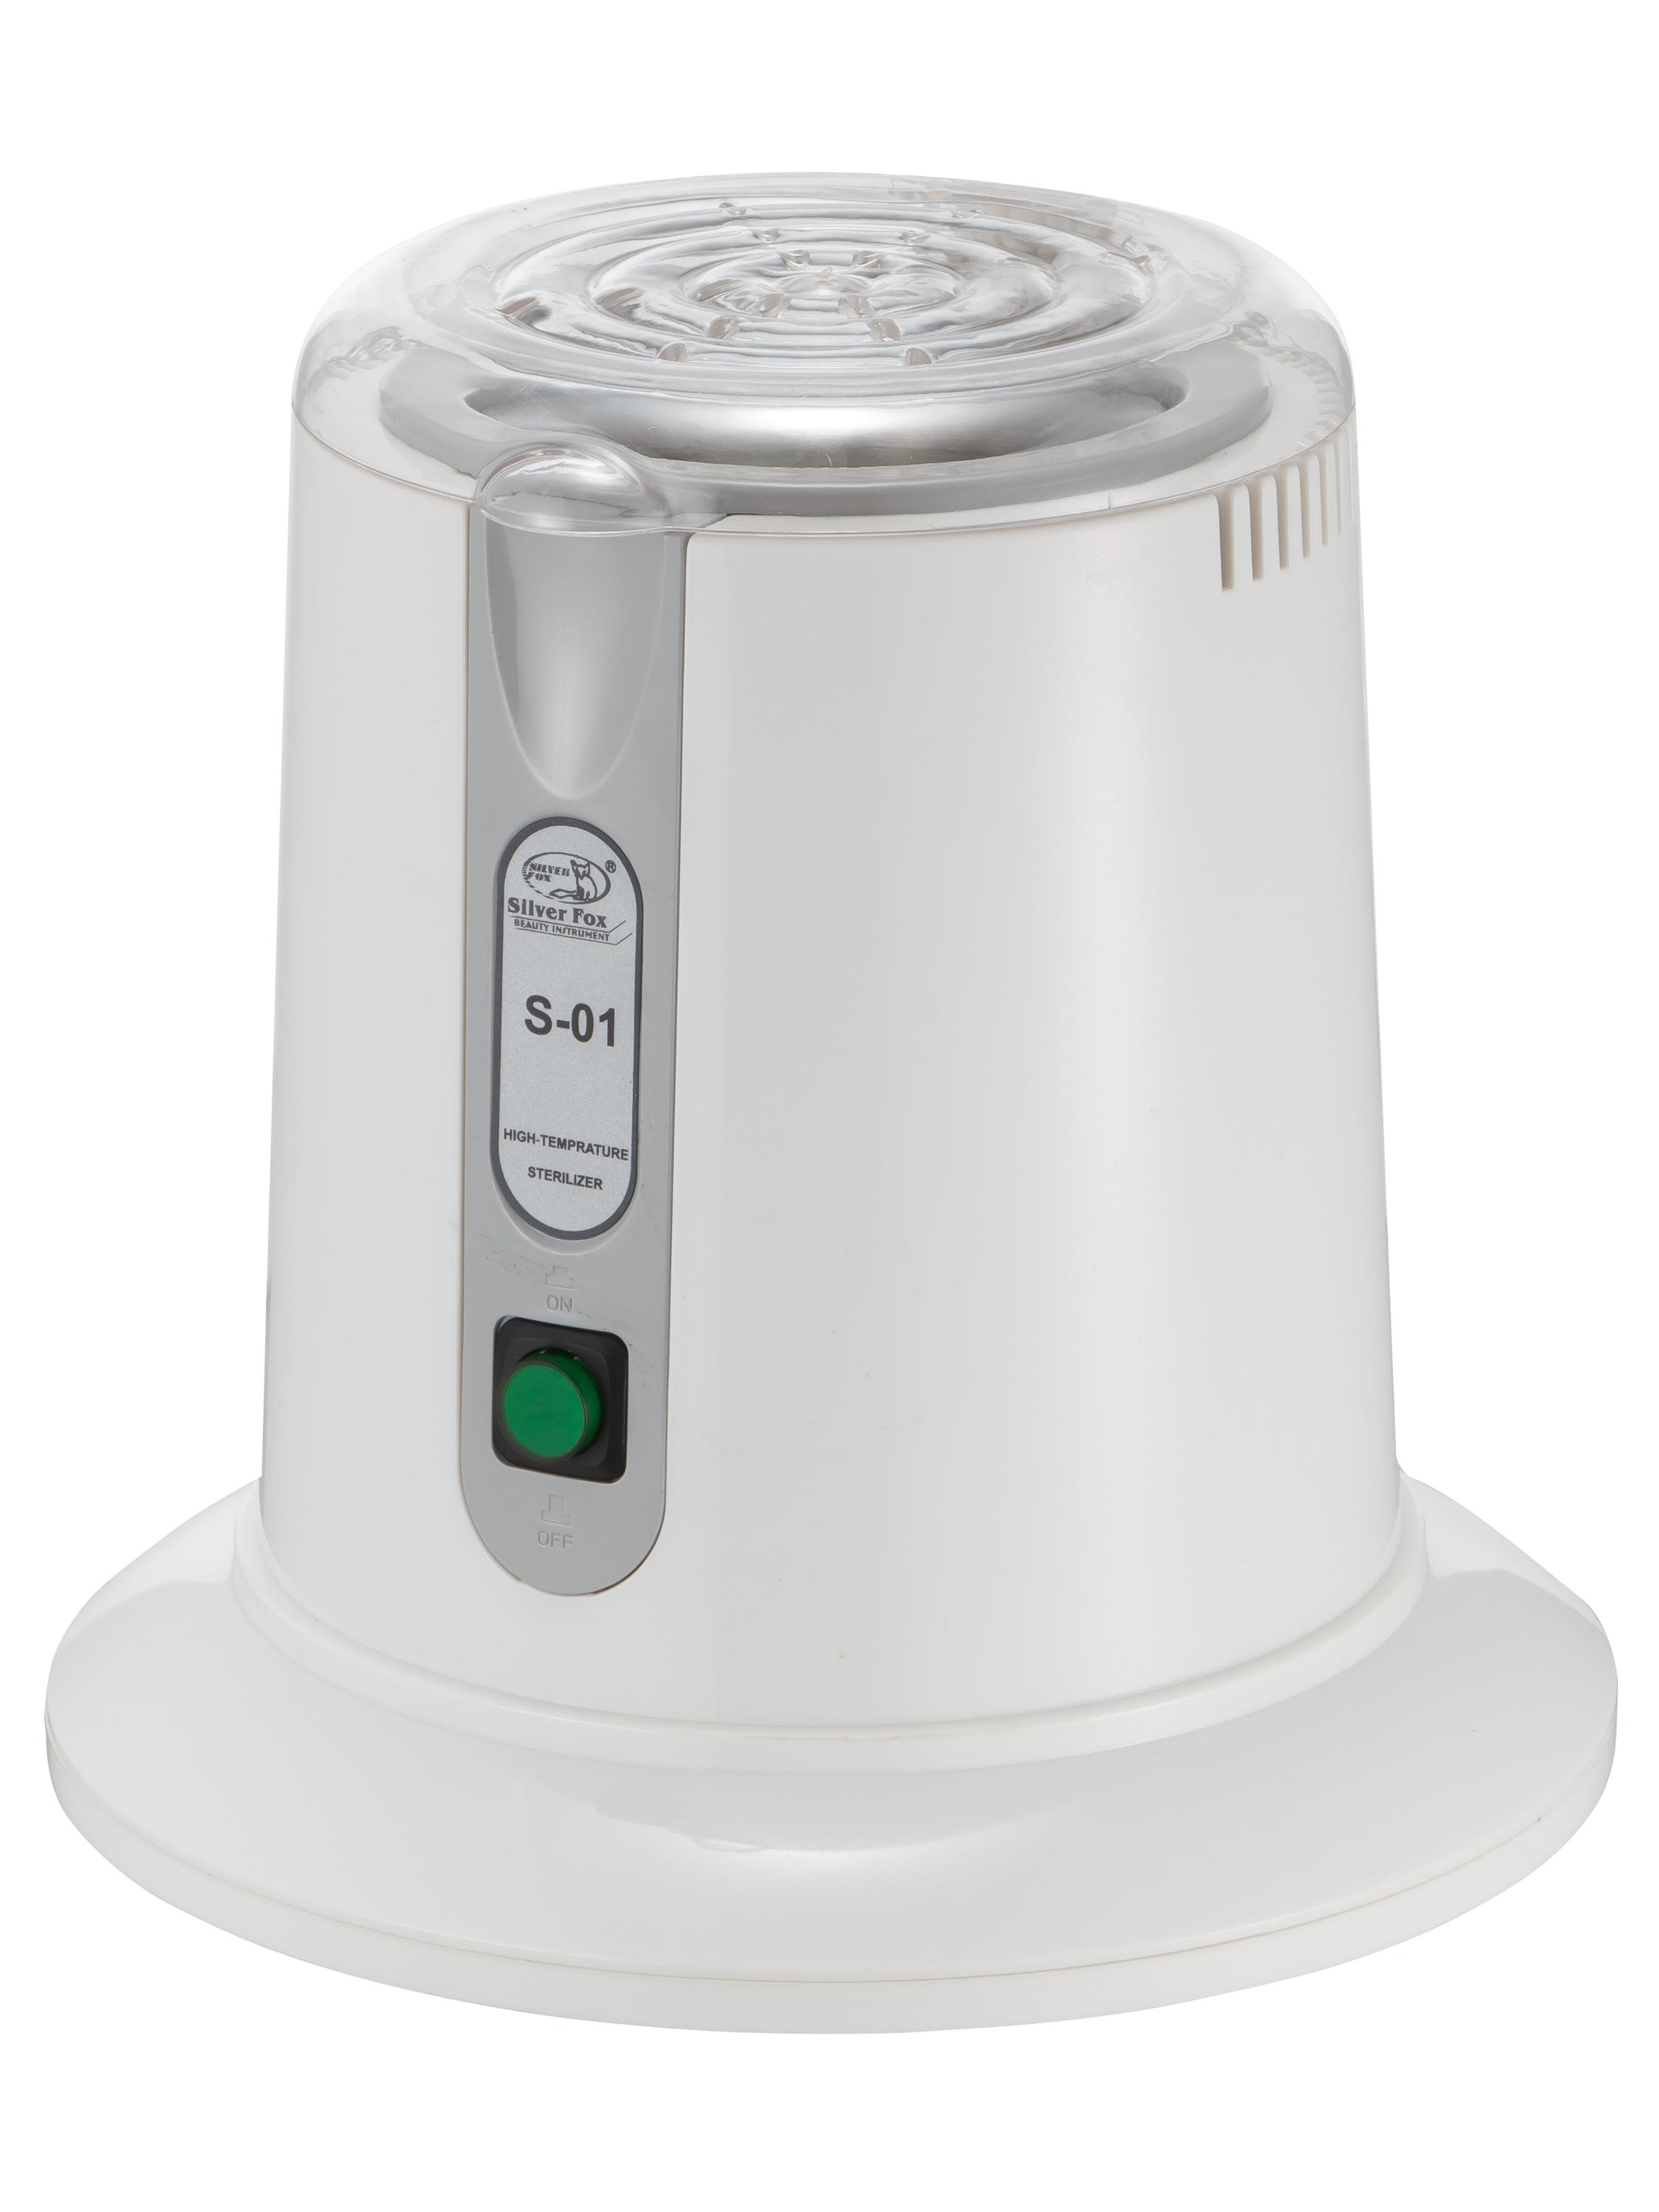 Sterilizátor SilverFox S-01M - objem 152 ml + DÁREK ZDARMA